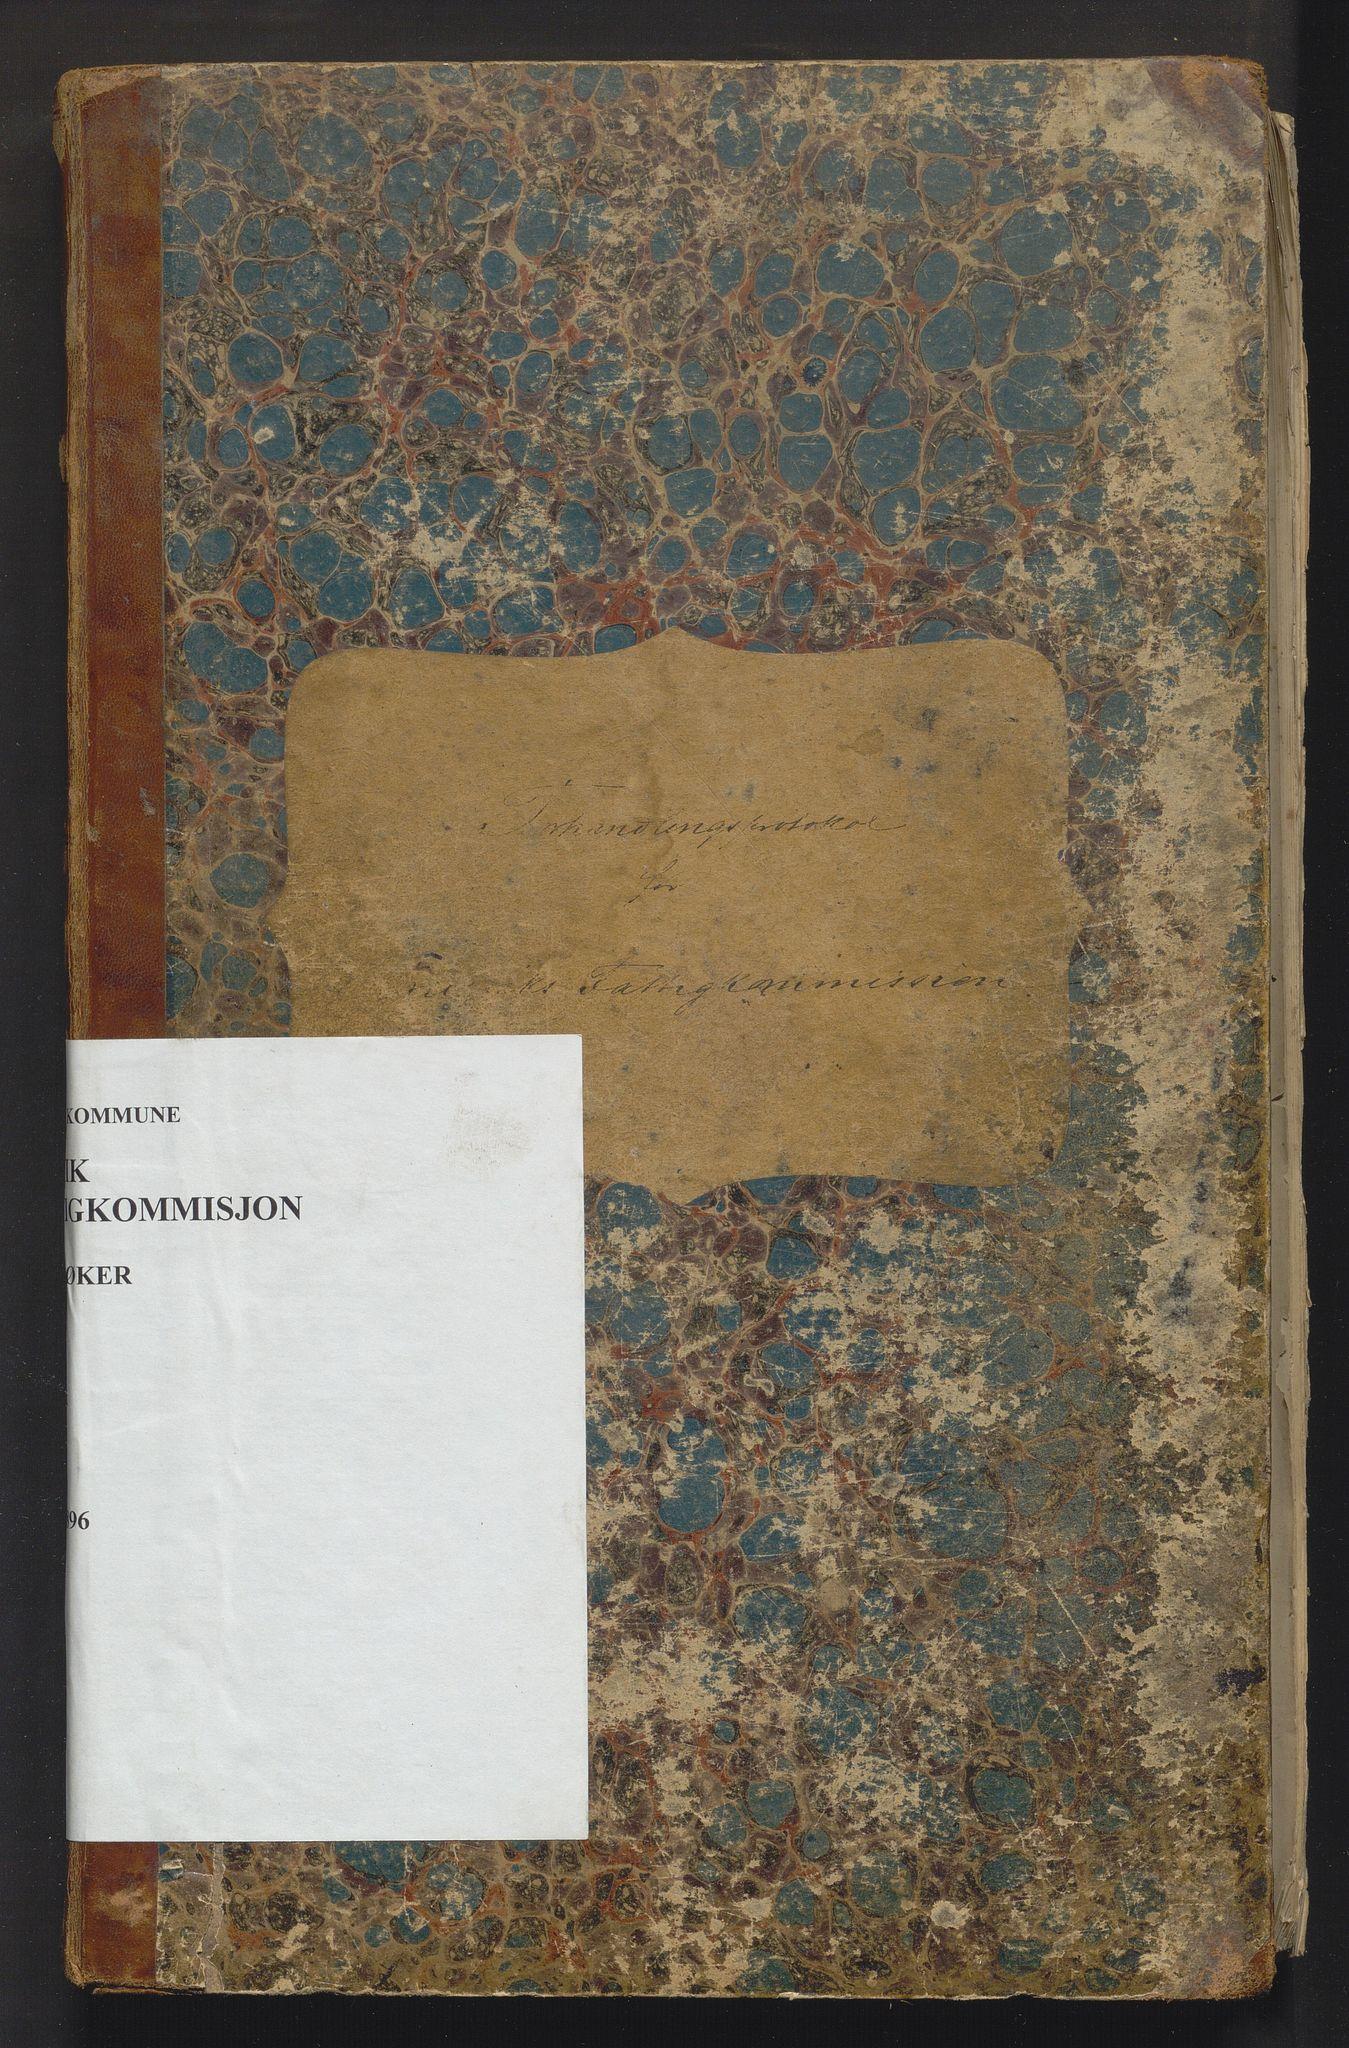 IKAH, Bruvik kommune. Fattigstyret, A/Aa/L0001: Møtebok for Bruvik fattigkommisjon, 1870-1896